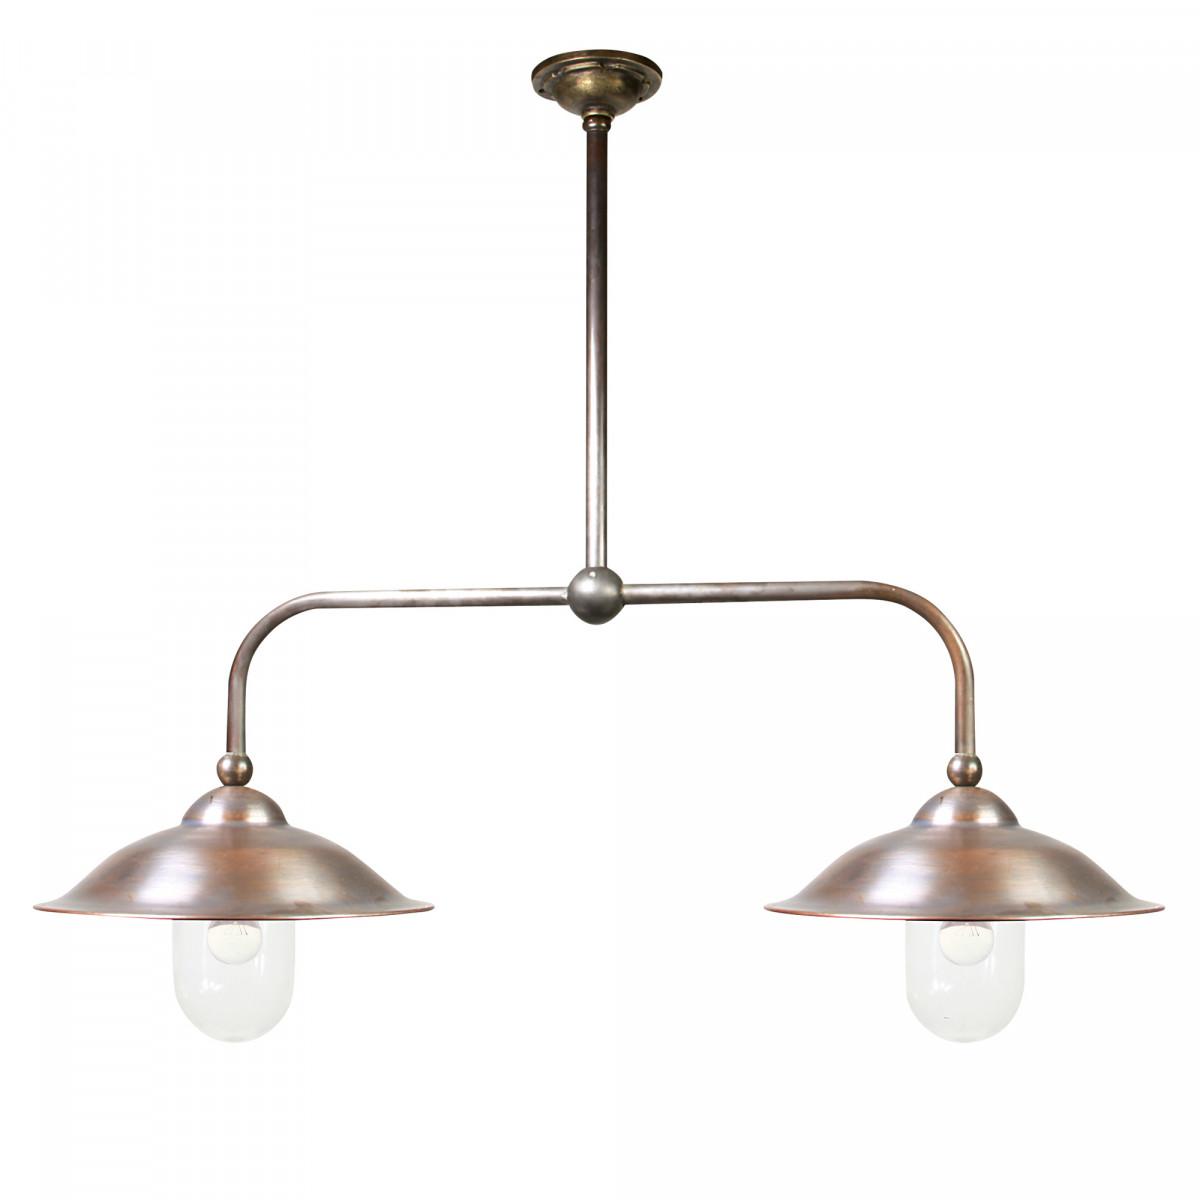 Stallamp Vienna Plafond 2 Lichts (1251) - KS Verlichting - Lampen aan Ketting